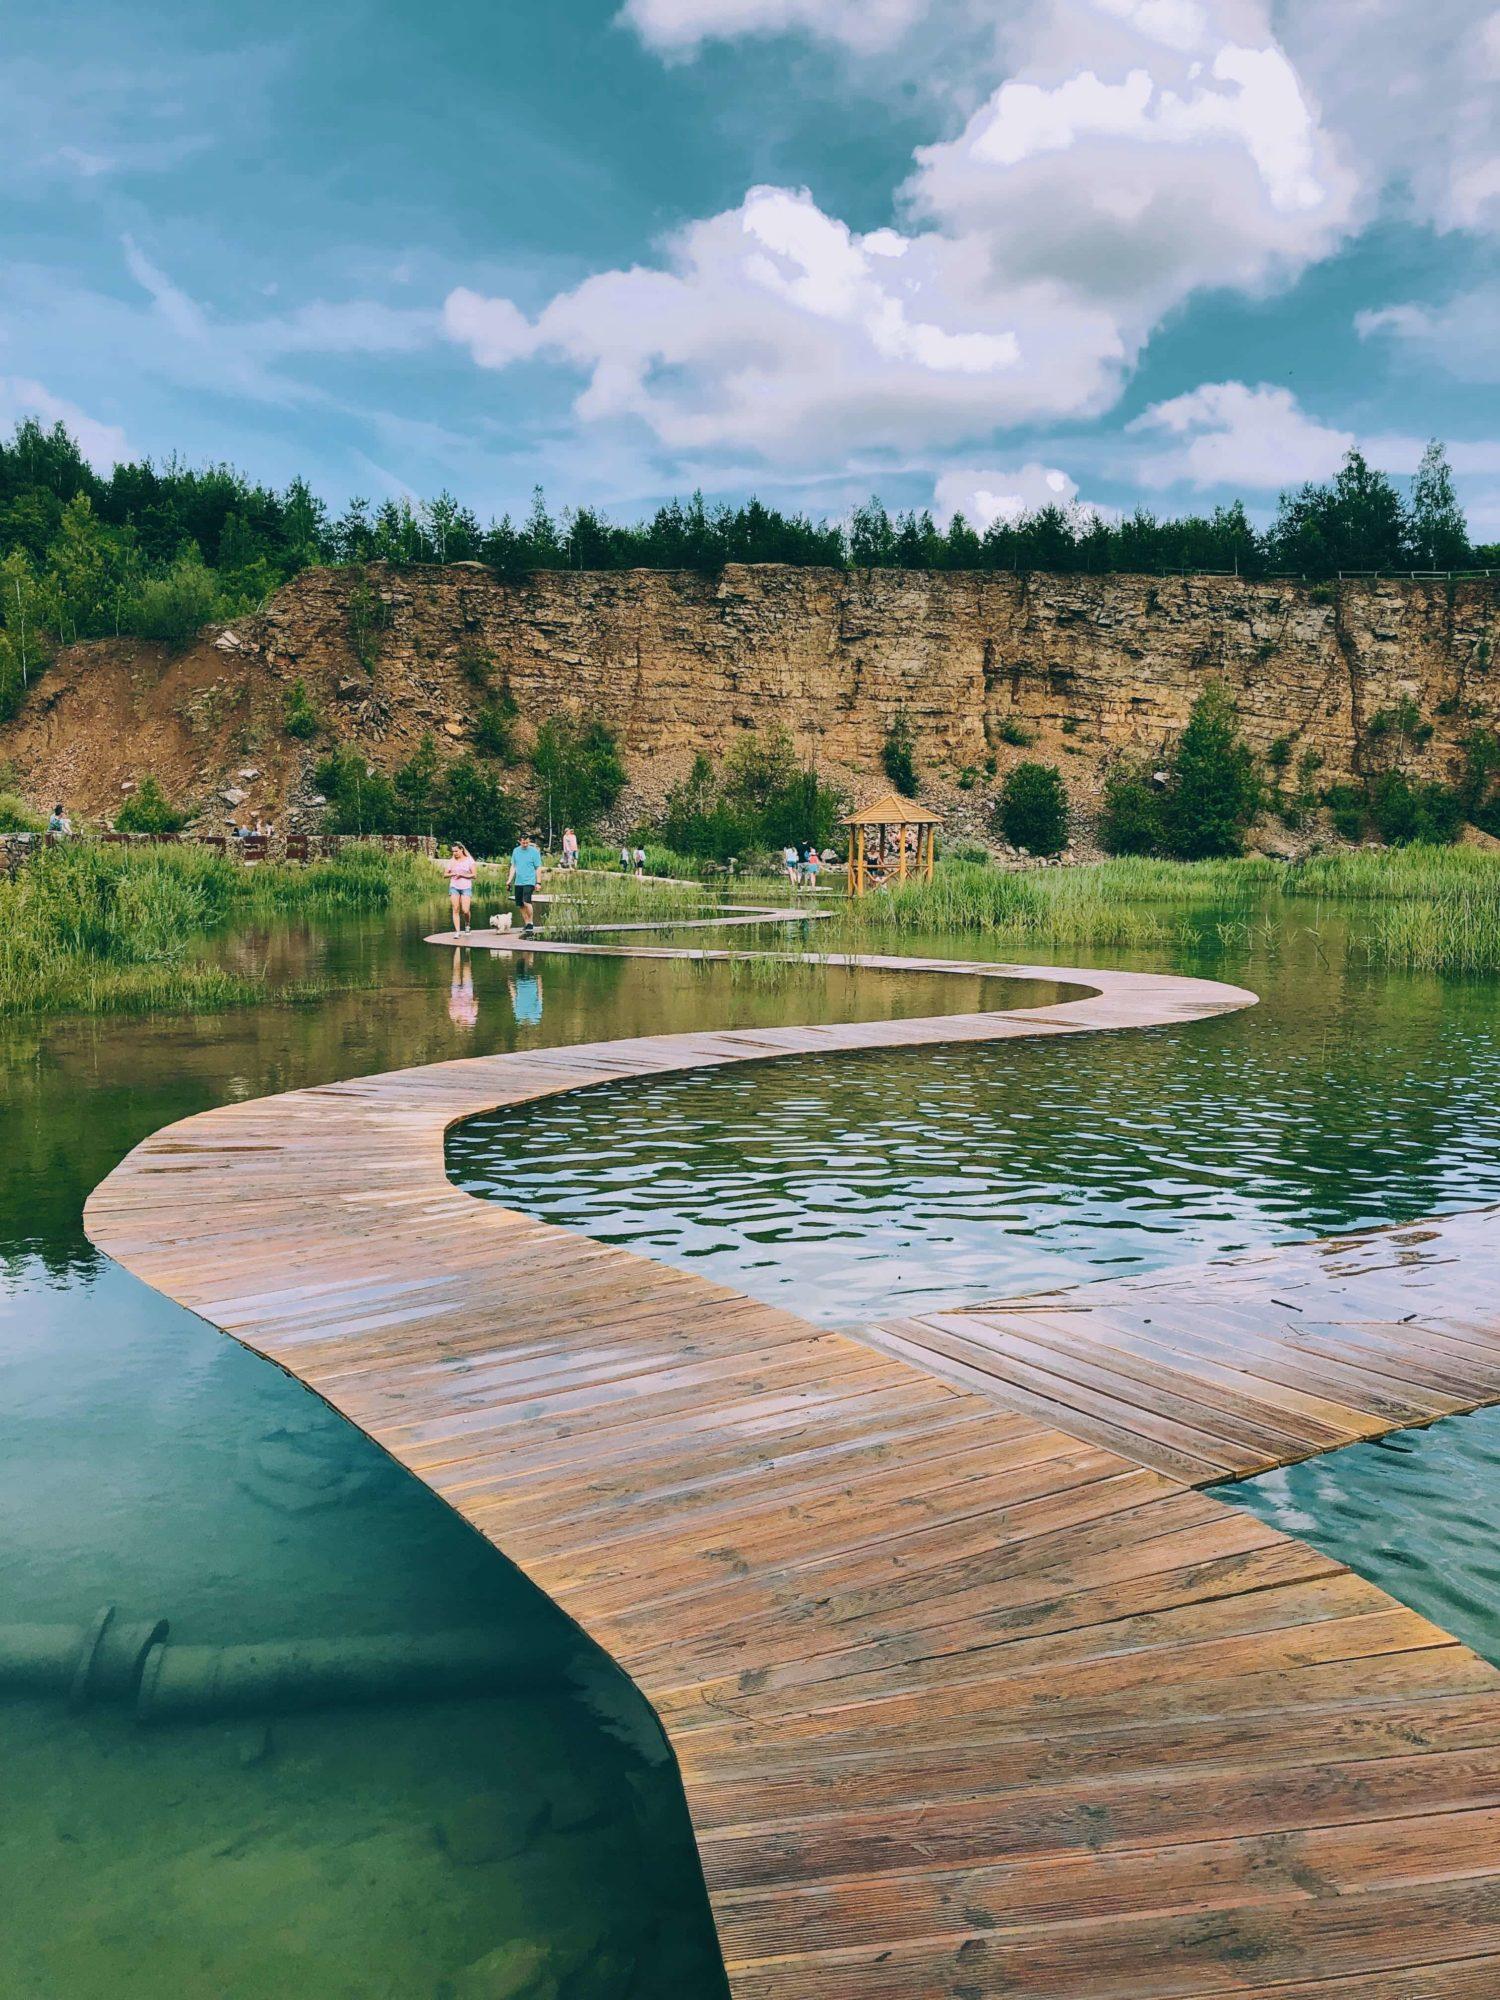 Park Gródek Jaworzno – Zbiornik Wydra turkusowa woda, jezioro, katowice, śląsk, chmury, drewno, kładka, woda, chorwacki krajobraz